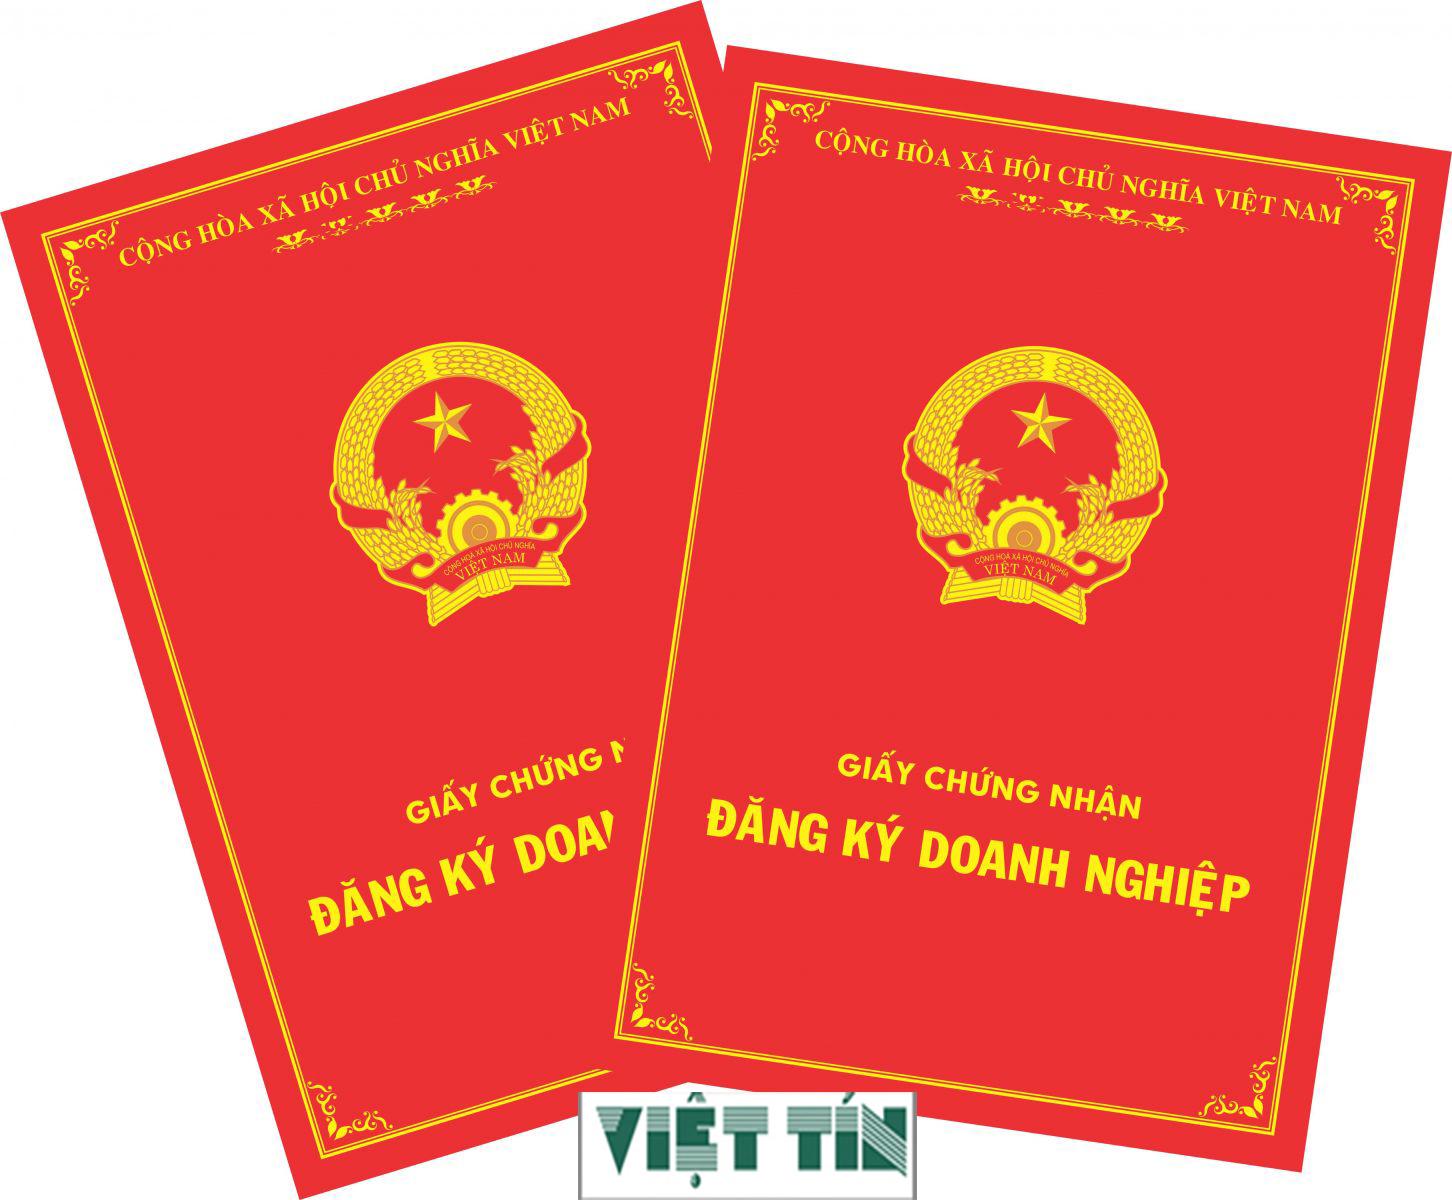 Xin giấy chứng nhận kinh doanh dễ dàng cùng Luật Việt Tín